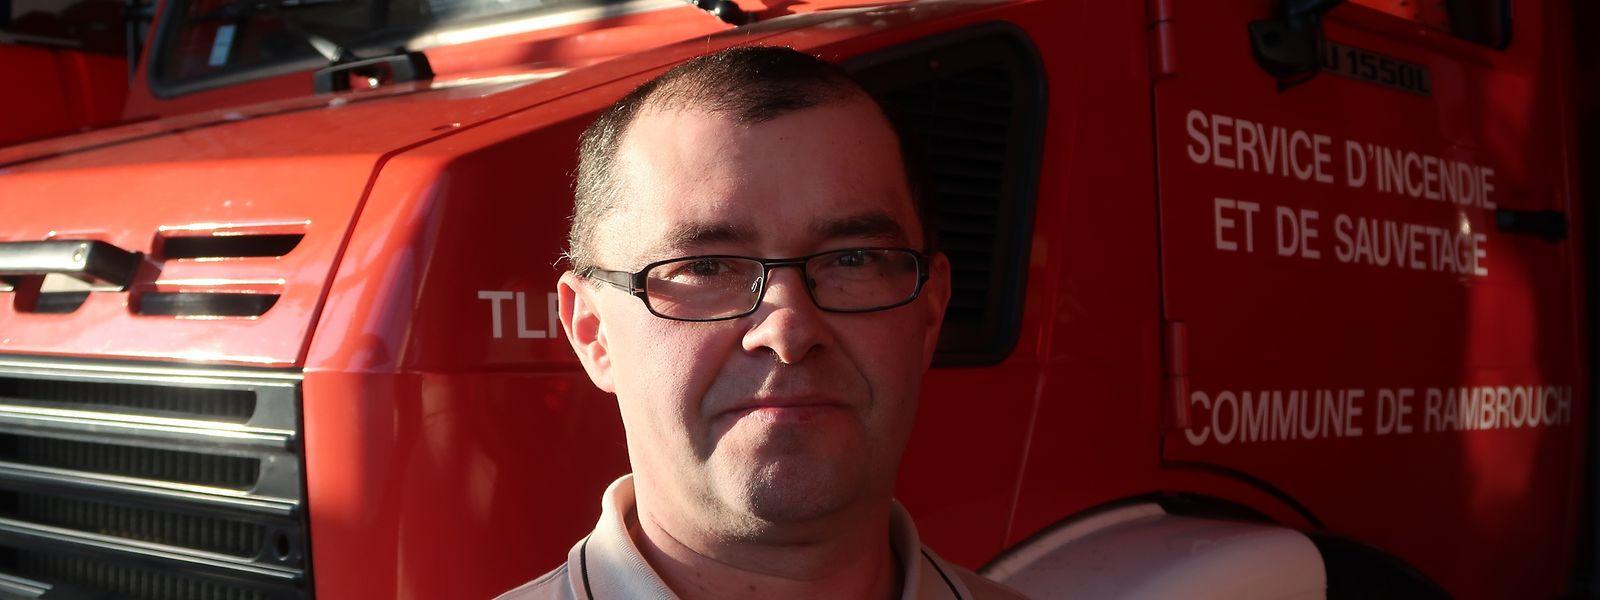 Romain Rausch soll Kommandant werden des neuen Rettungszentrums in Rambrouch